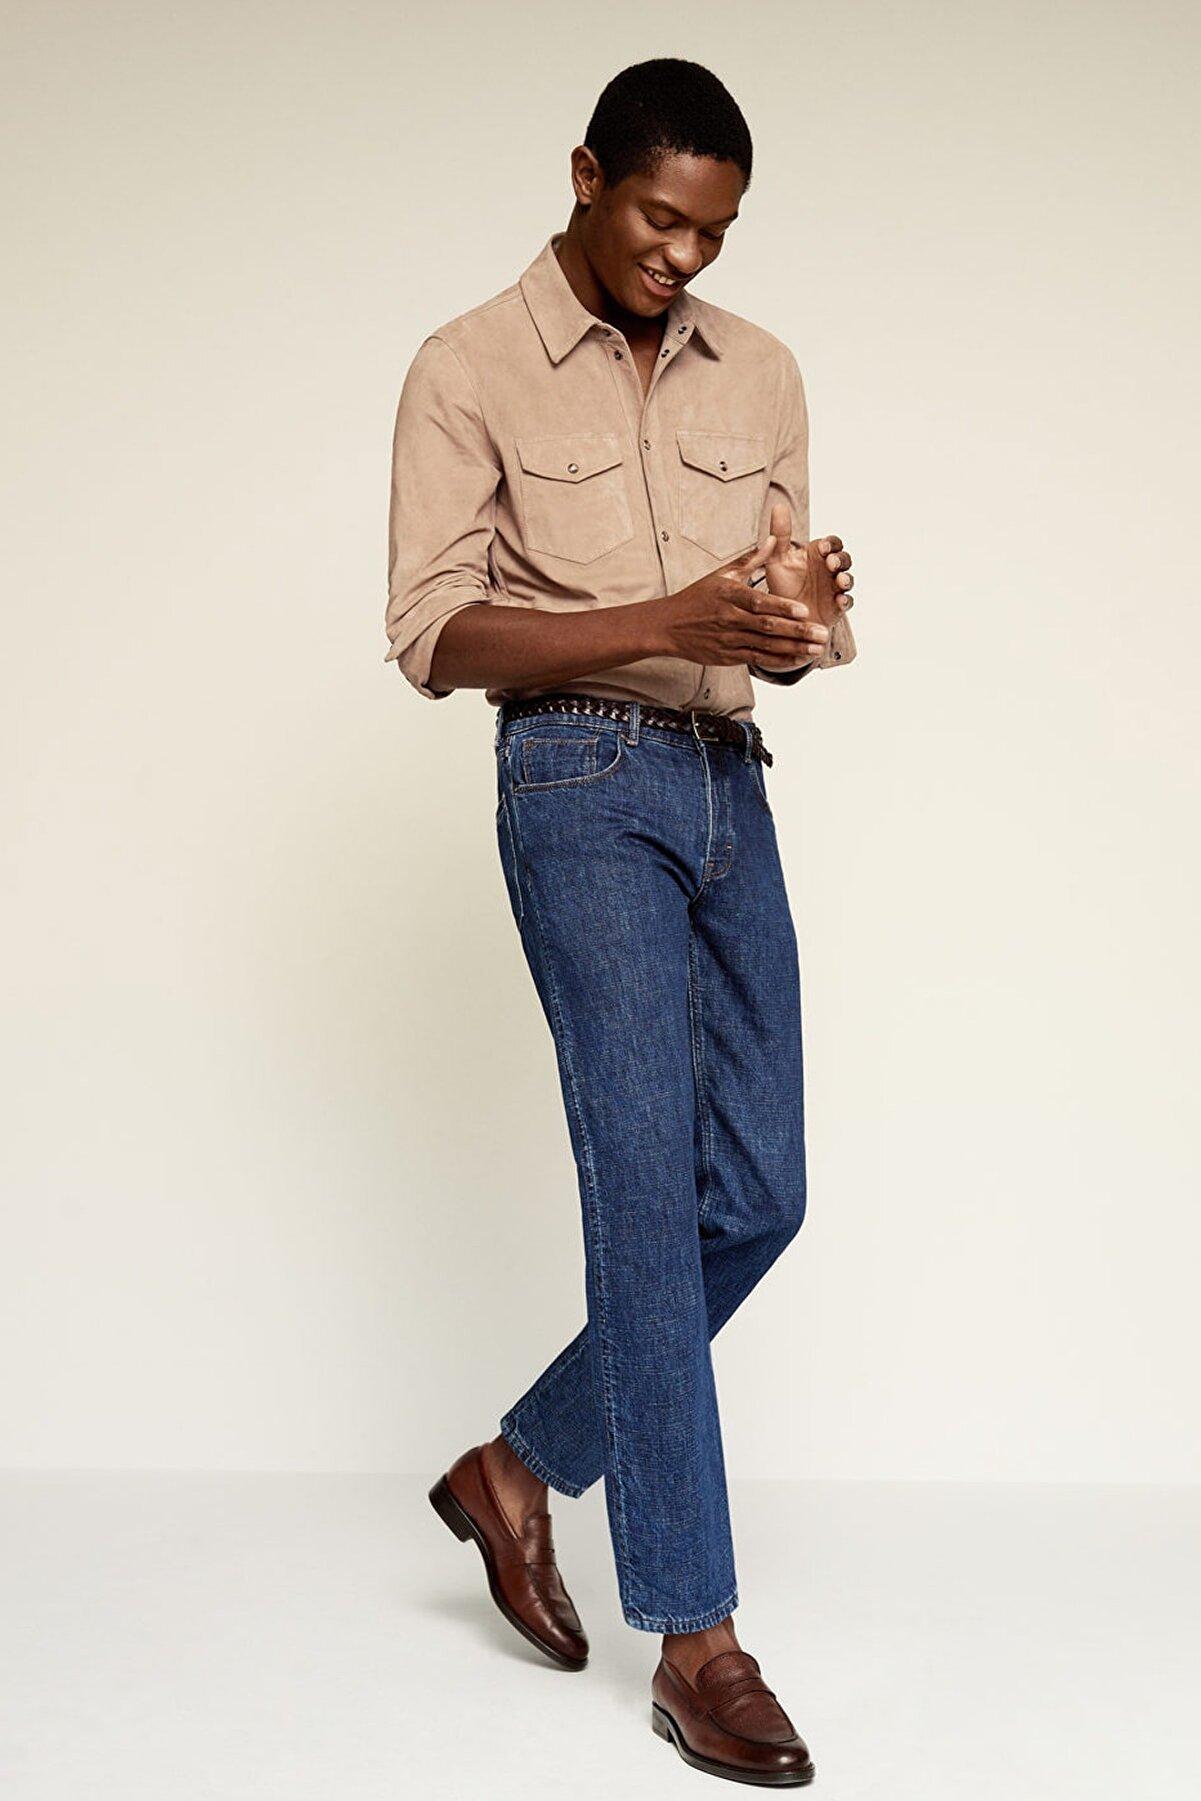 Mango Erkek Donuk Mavi Paçaya Doğru Daralan Kesimli Koyu Yıkama Soft Jean Pantolon 67082877